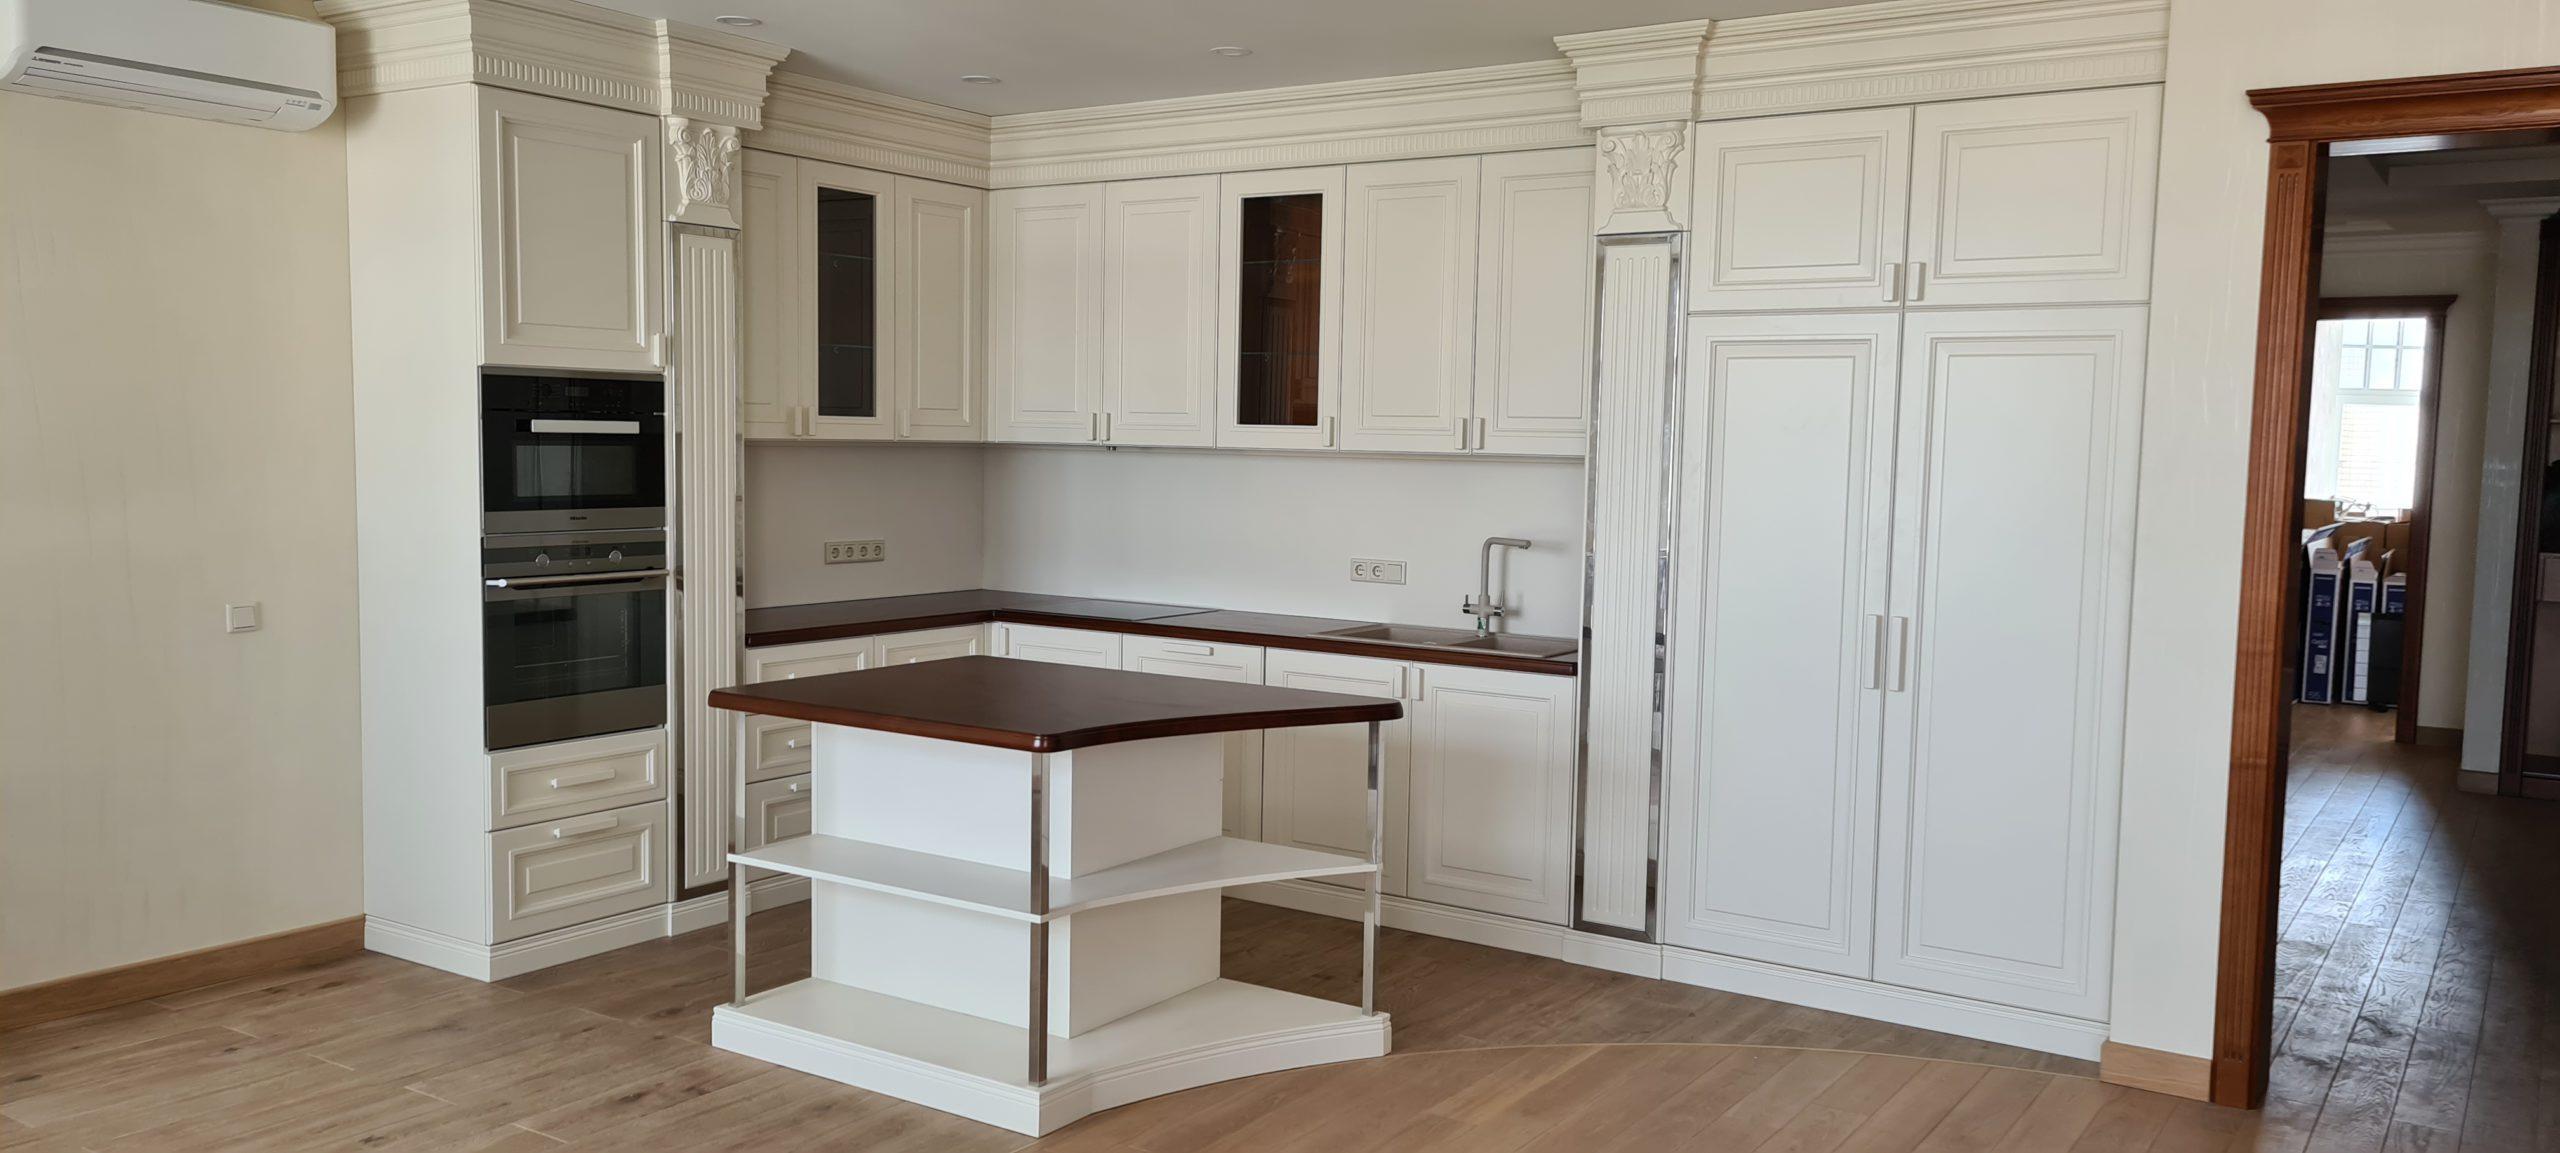 Кухня под ключ Soft Kitchen - фото 13